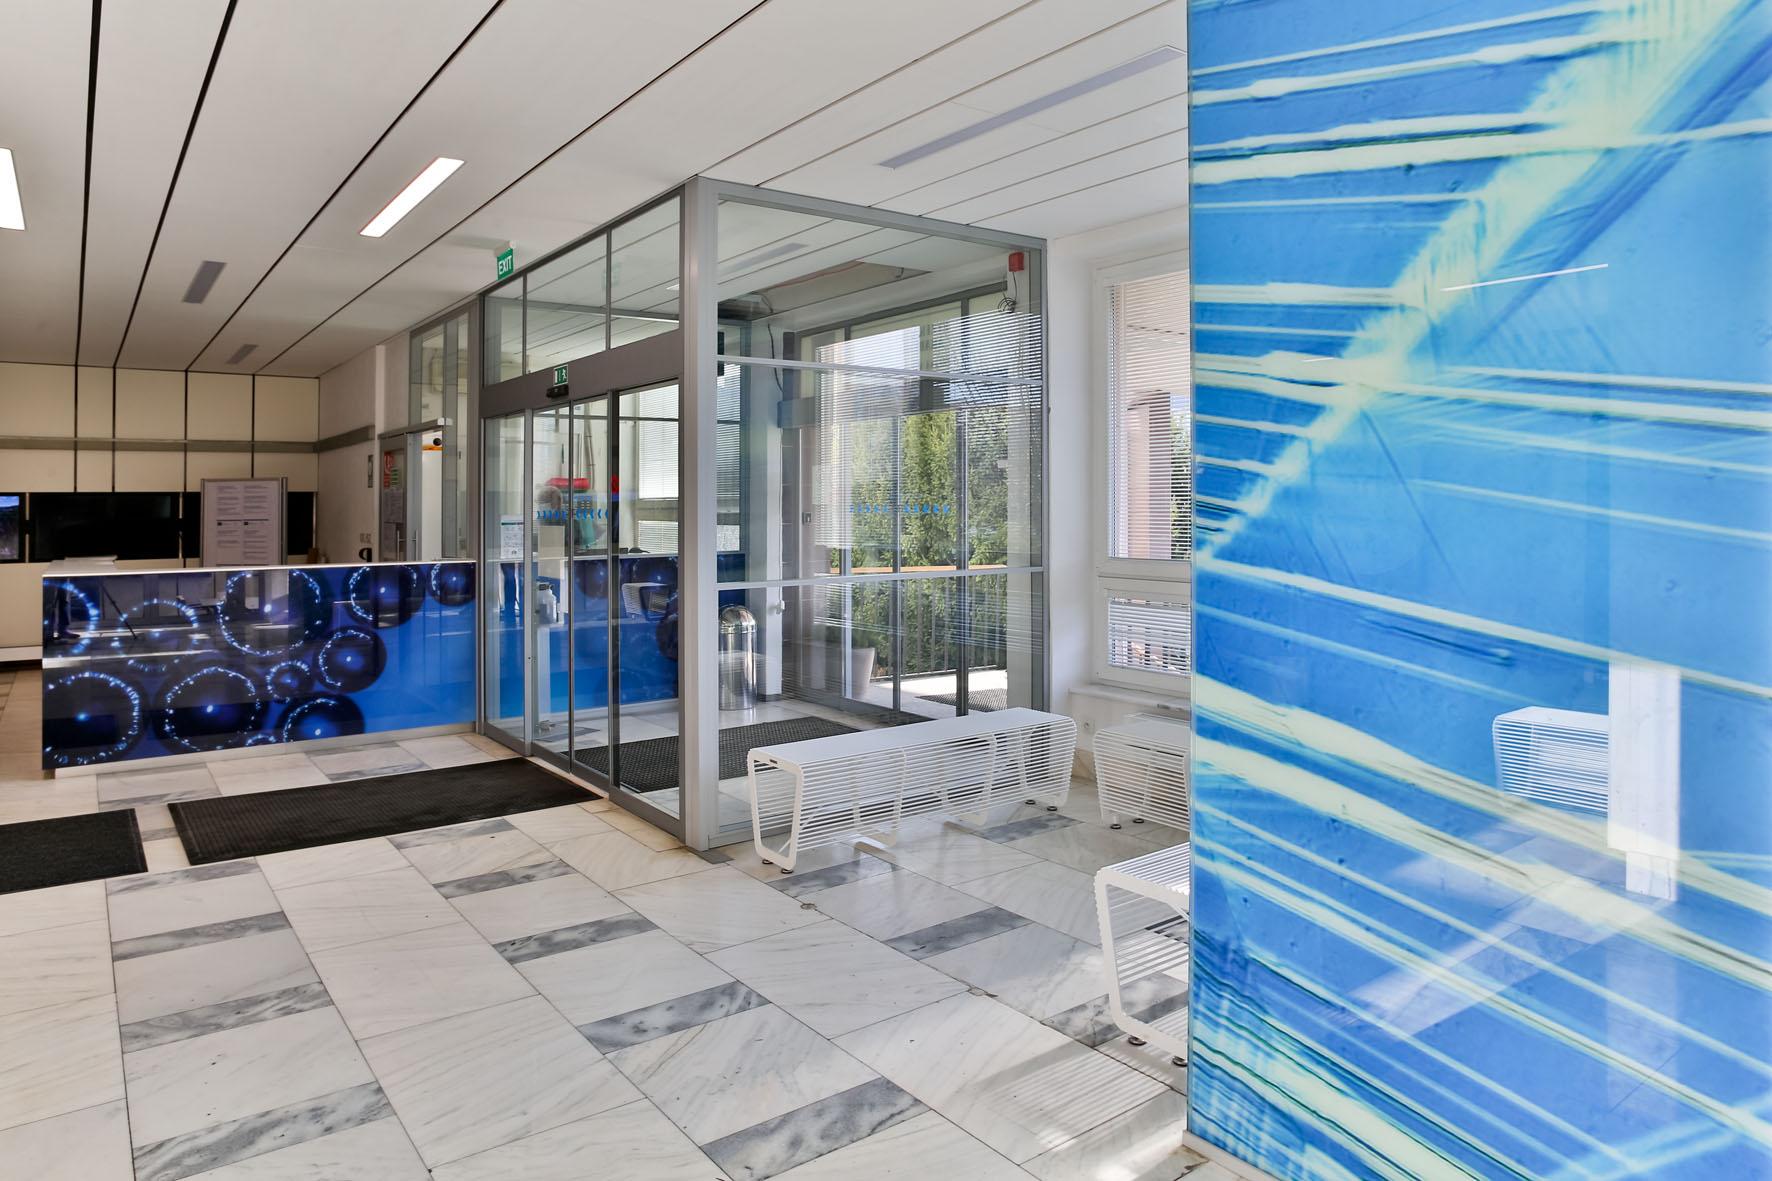 Nagyított fotós motívumok színes elemeivel díszítet belső tér